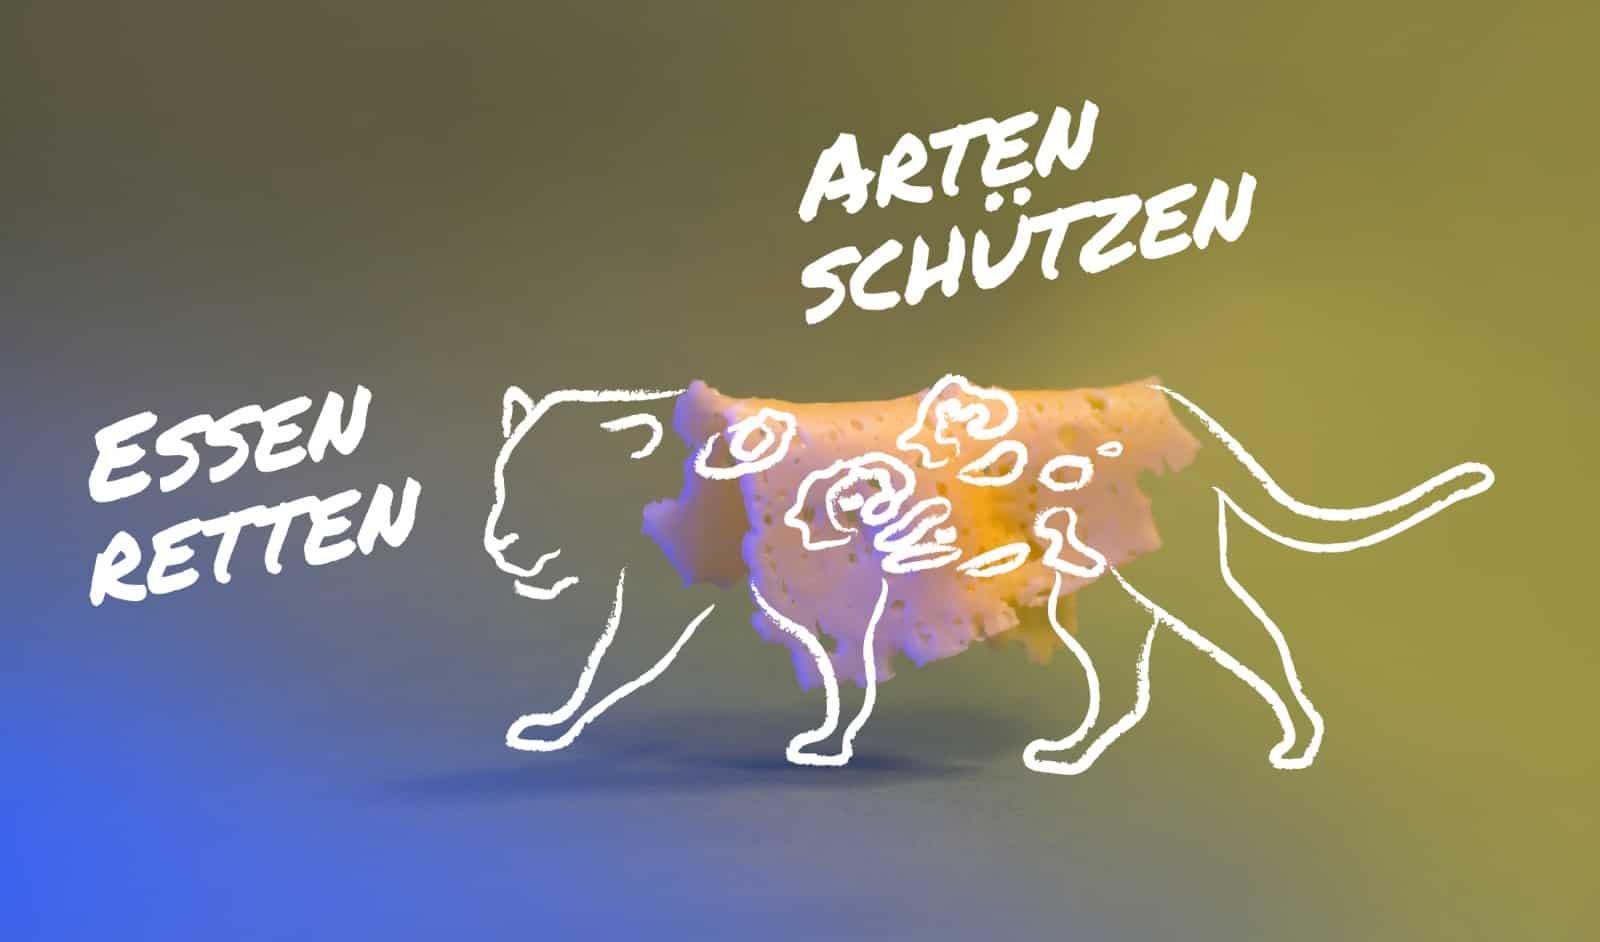 Essen retten, Arten schützen © WWF Österreich